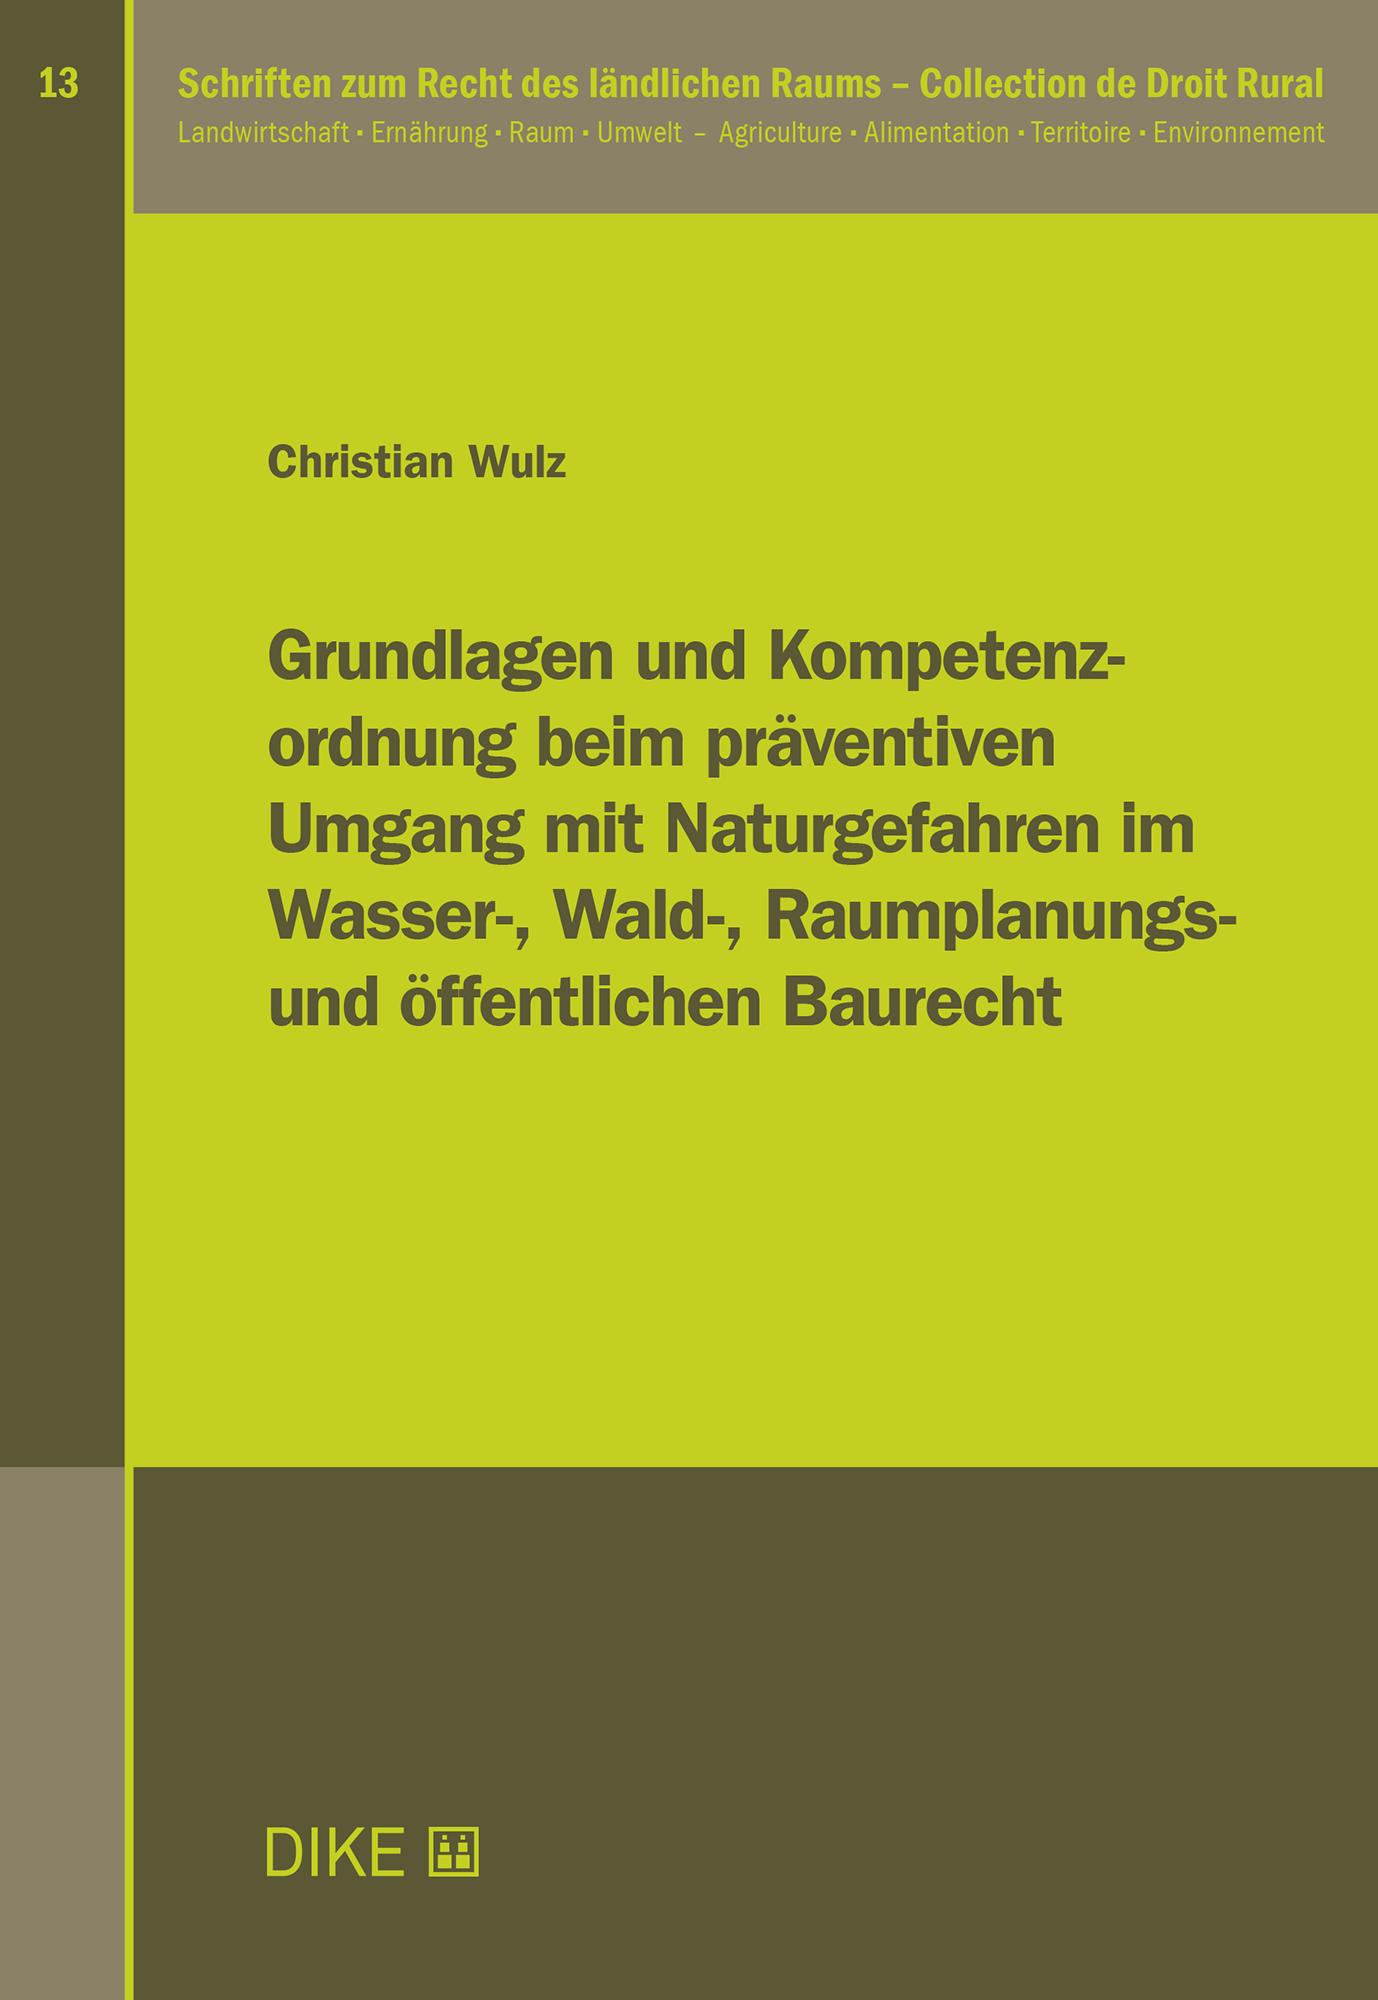 Grundlagen und Kompetenzordnung beim präventiven Umgang mit Naturgefahren im Wasser-, Wald-, Raumplanungs- und öffentlichen Baurecht